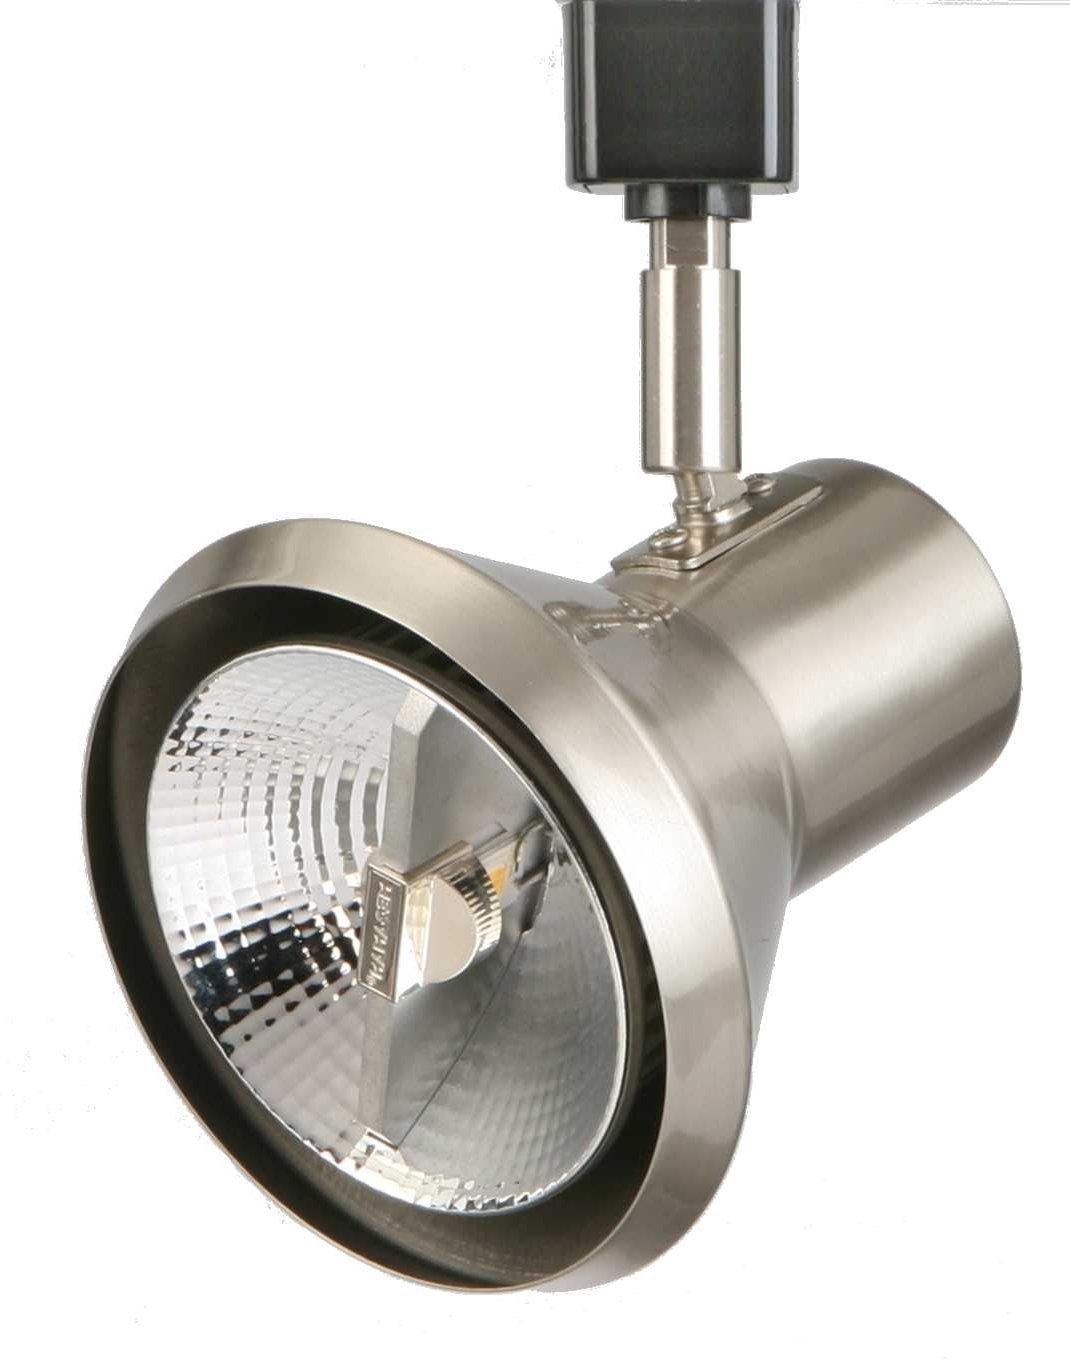 Lithonia Lighting LTH SHDE PAR30 BN M24 1-Light Front Loading Shade Commercial Track Head, PAR30-Compatible Led, Brushed Nickel